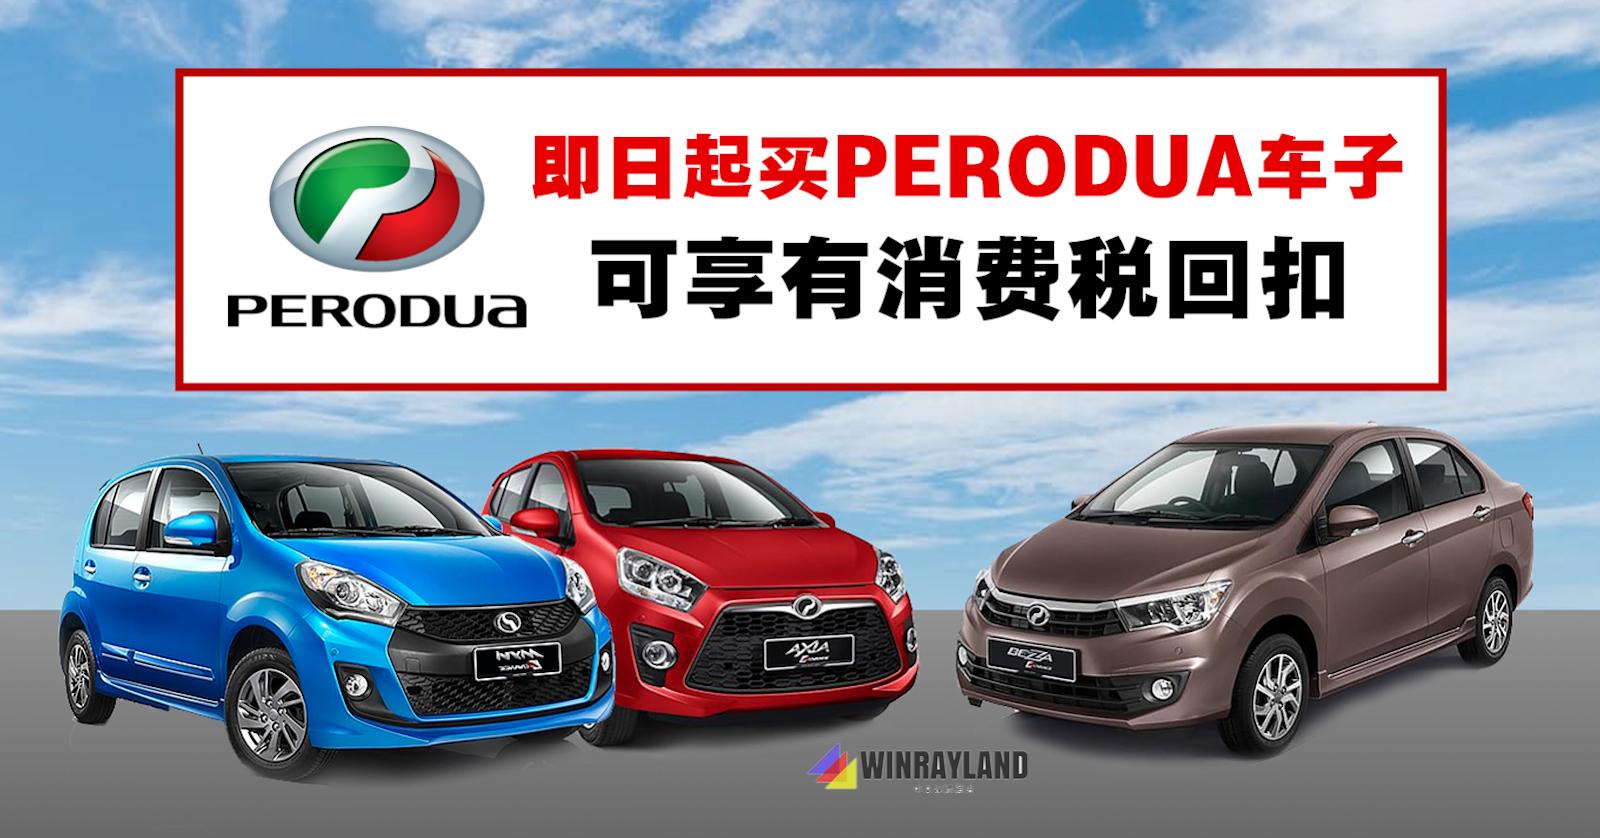 即日起买PERODUA车子可享有消费税回扣